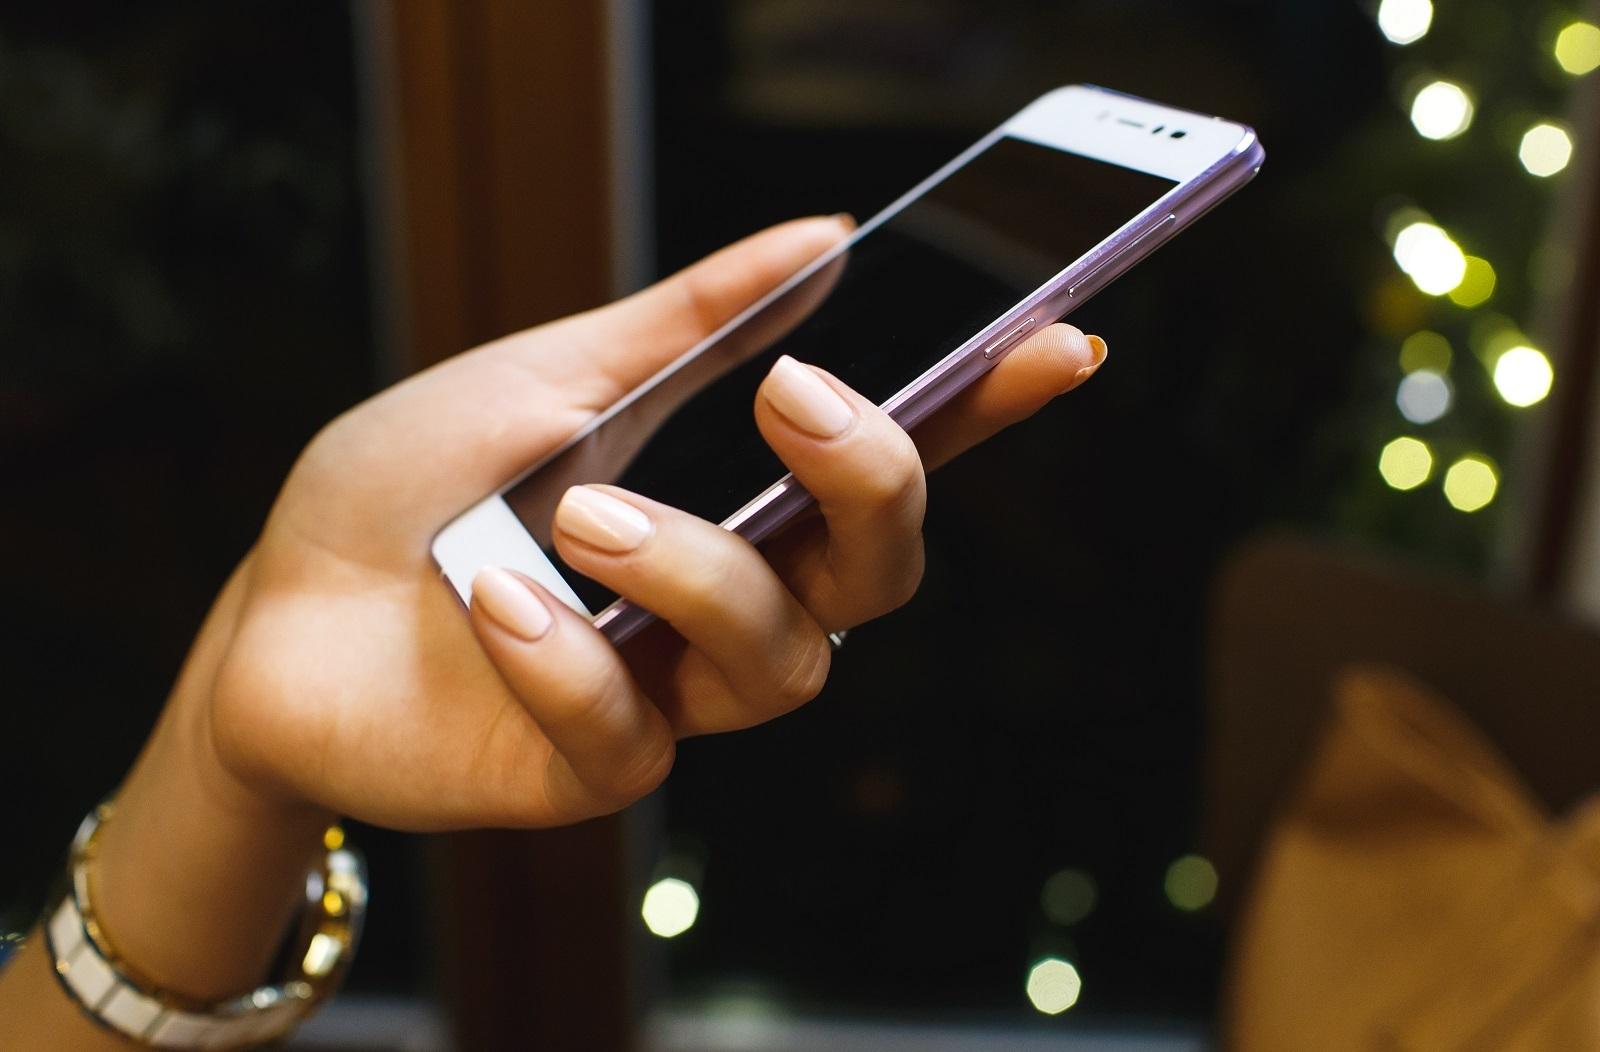 """Российский стартап готовит к выпуску 5,2"""" смартфон толщиной 5,7мм за $199 - 1"""